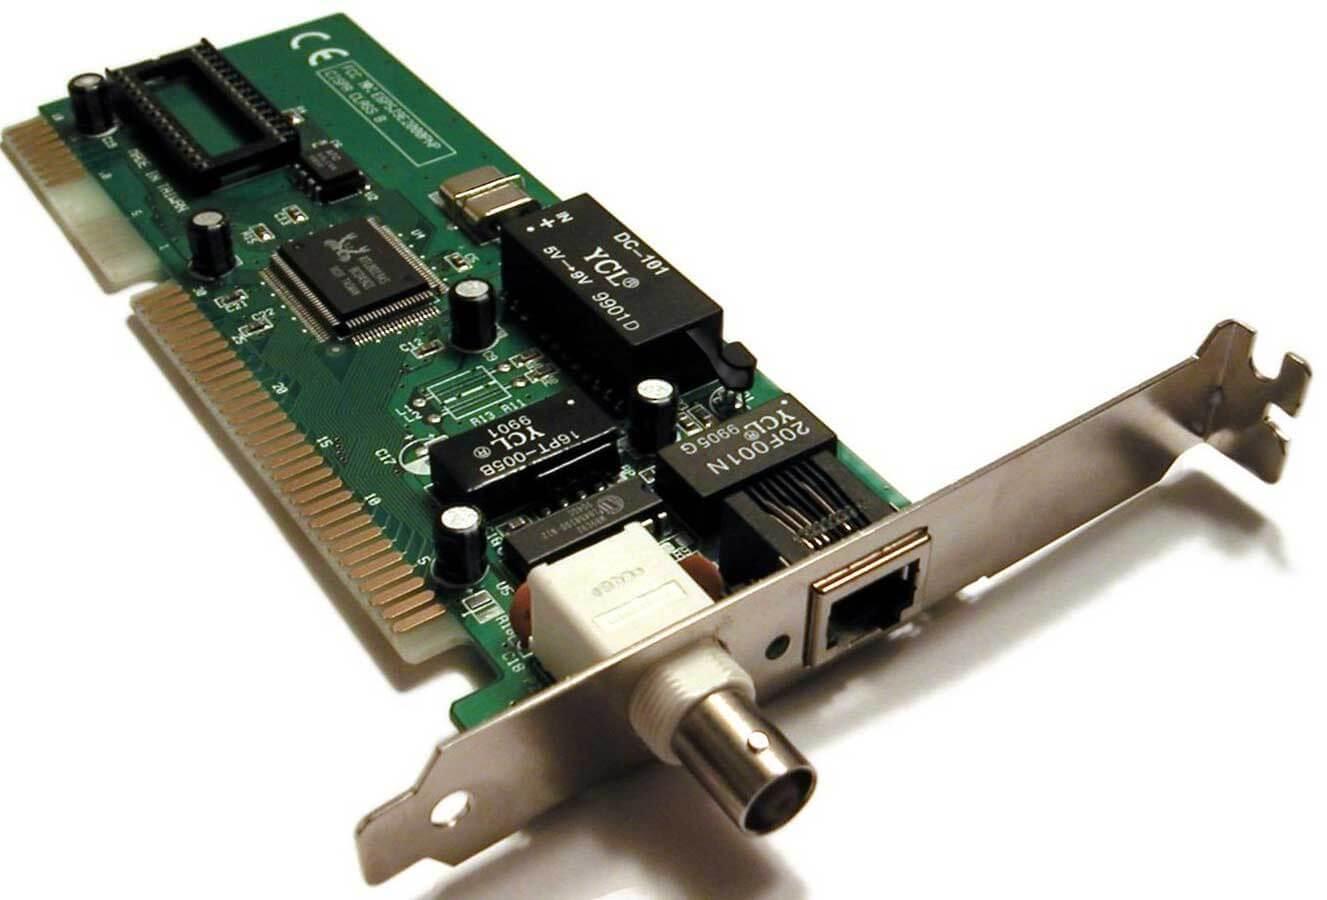 Ethernet kartı görmüyor Ethernet Kartı Ethernet Kartını Görmüyor Sorunu Çözüldü ethernet karti